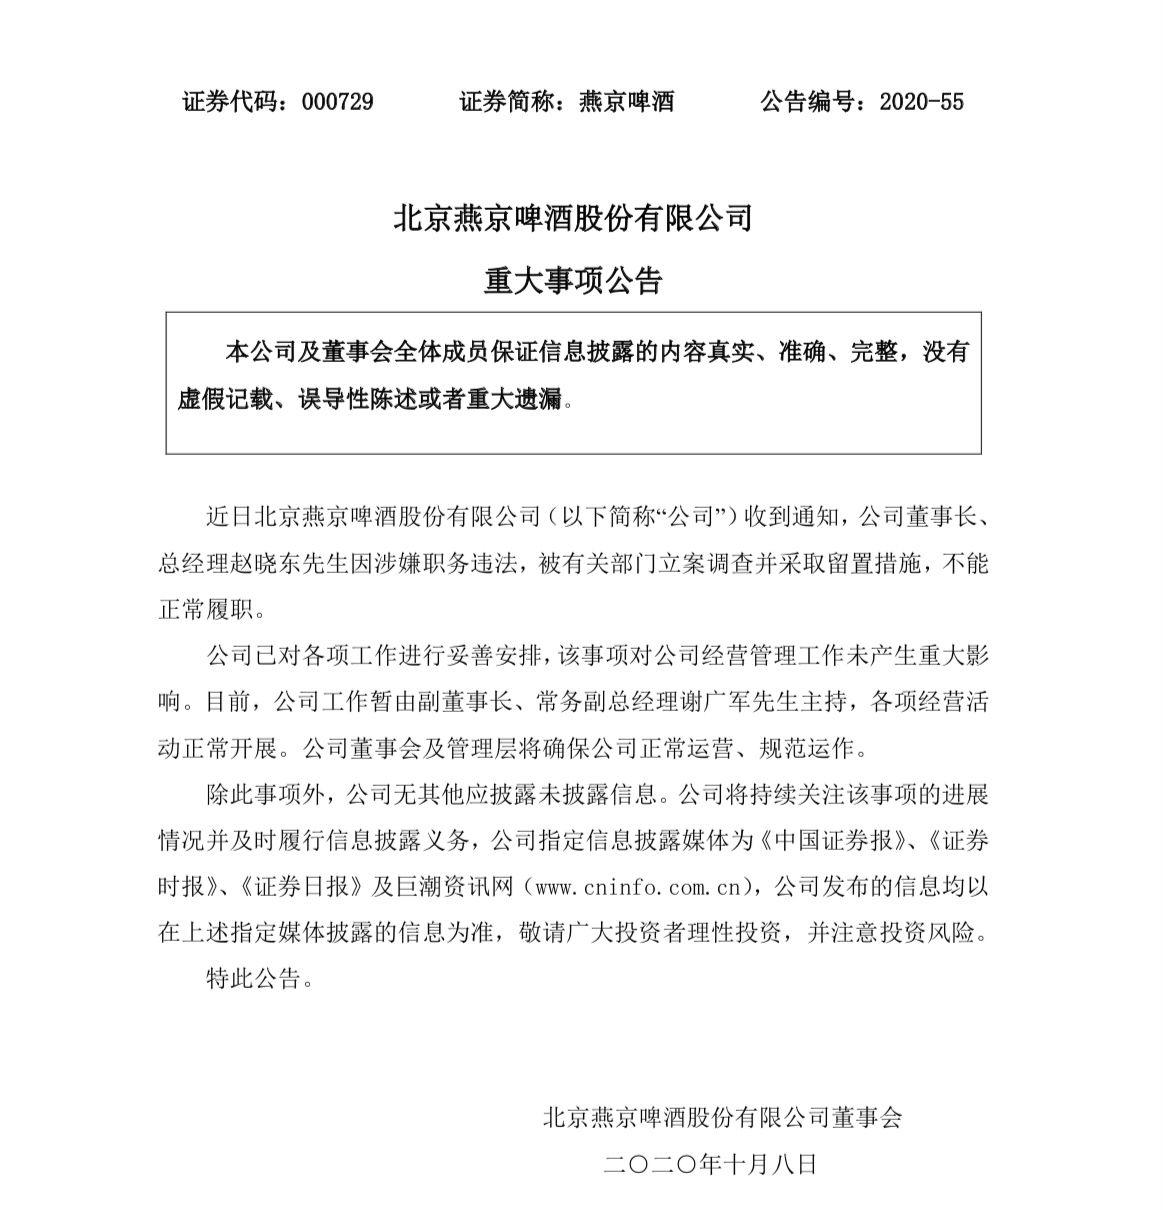 燕京啤酒:董事长、总经理赵晓东涉嫌职务违法,被立案调查并留置图片